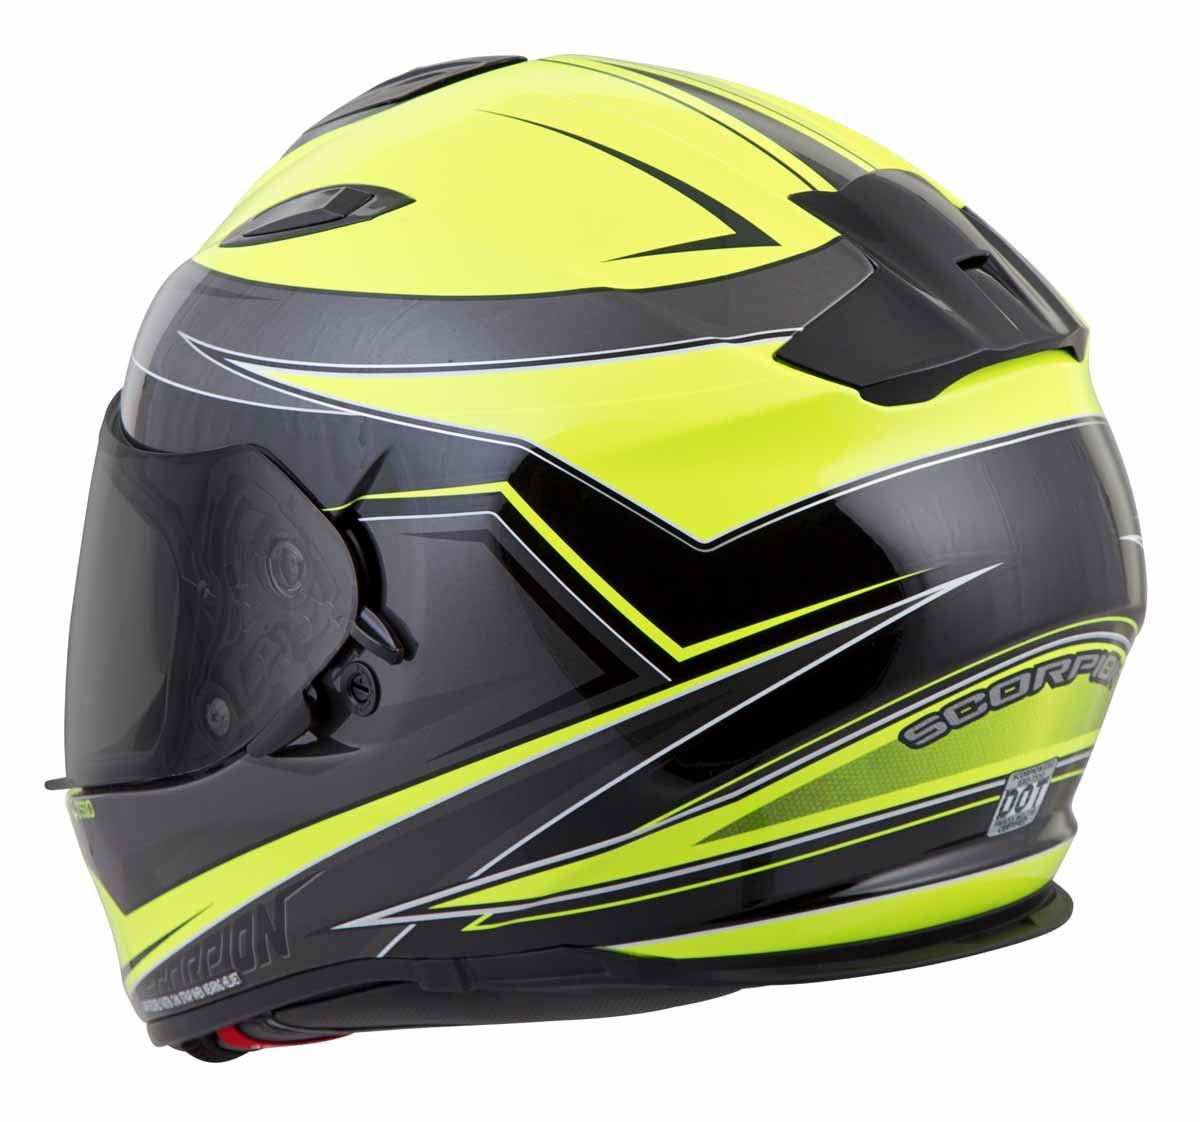 Scorpion-EXO-T510-Helmet-Full-Face-DOT-Approved-Inner-Sun-Shield miniature 40